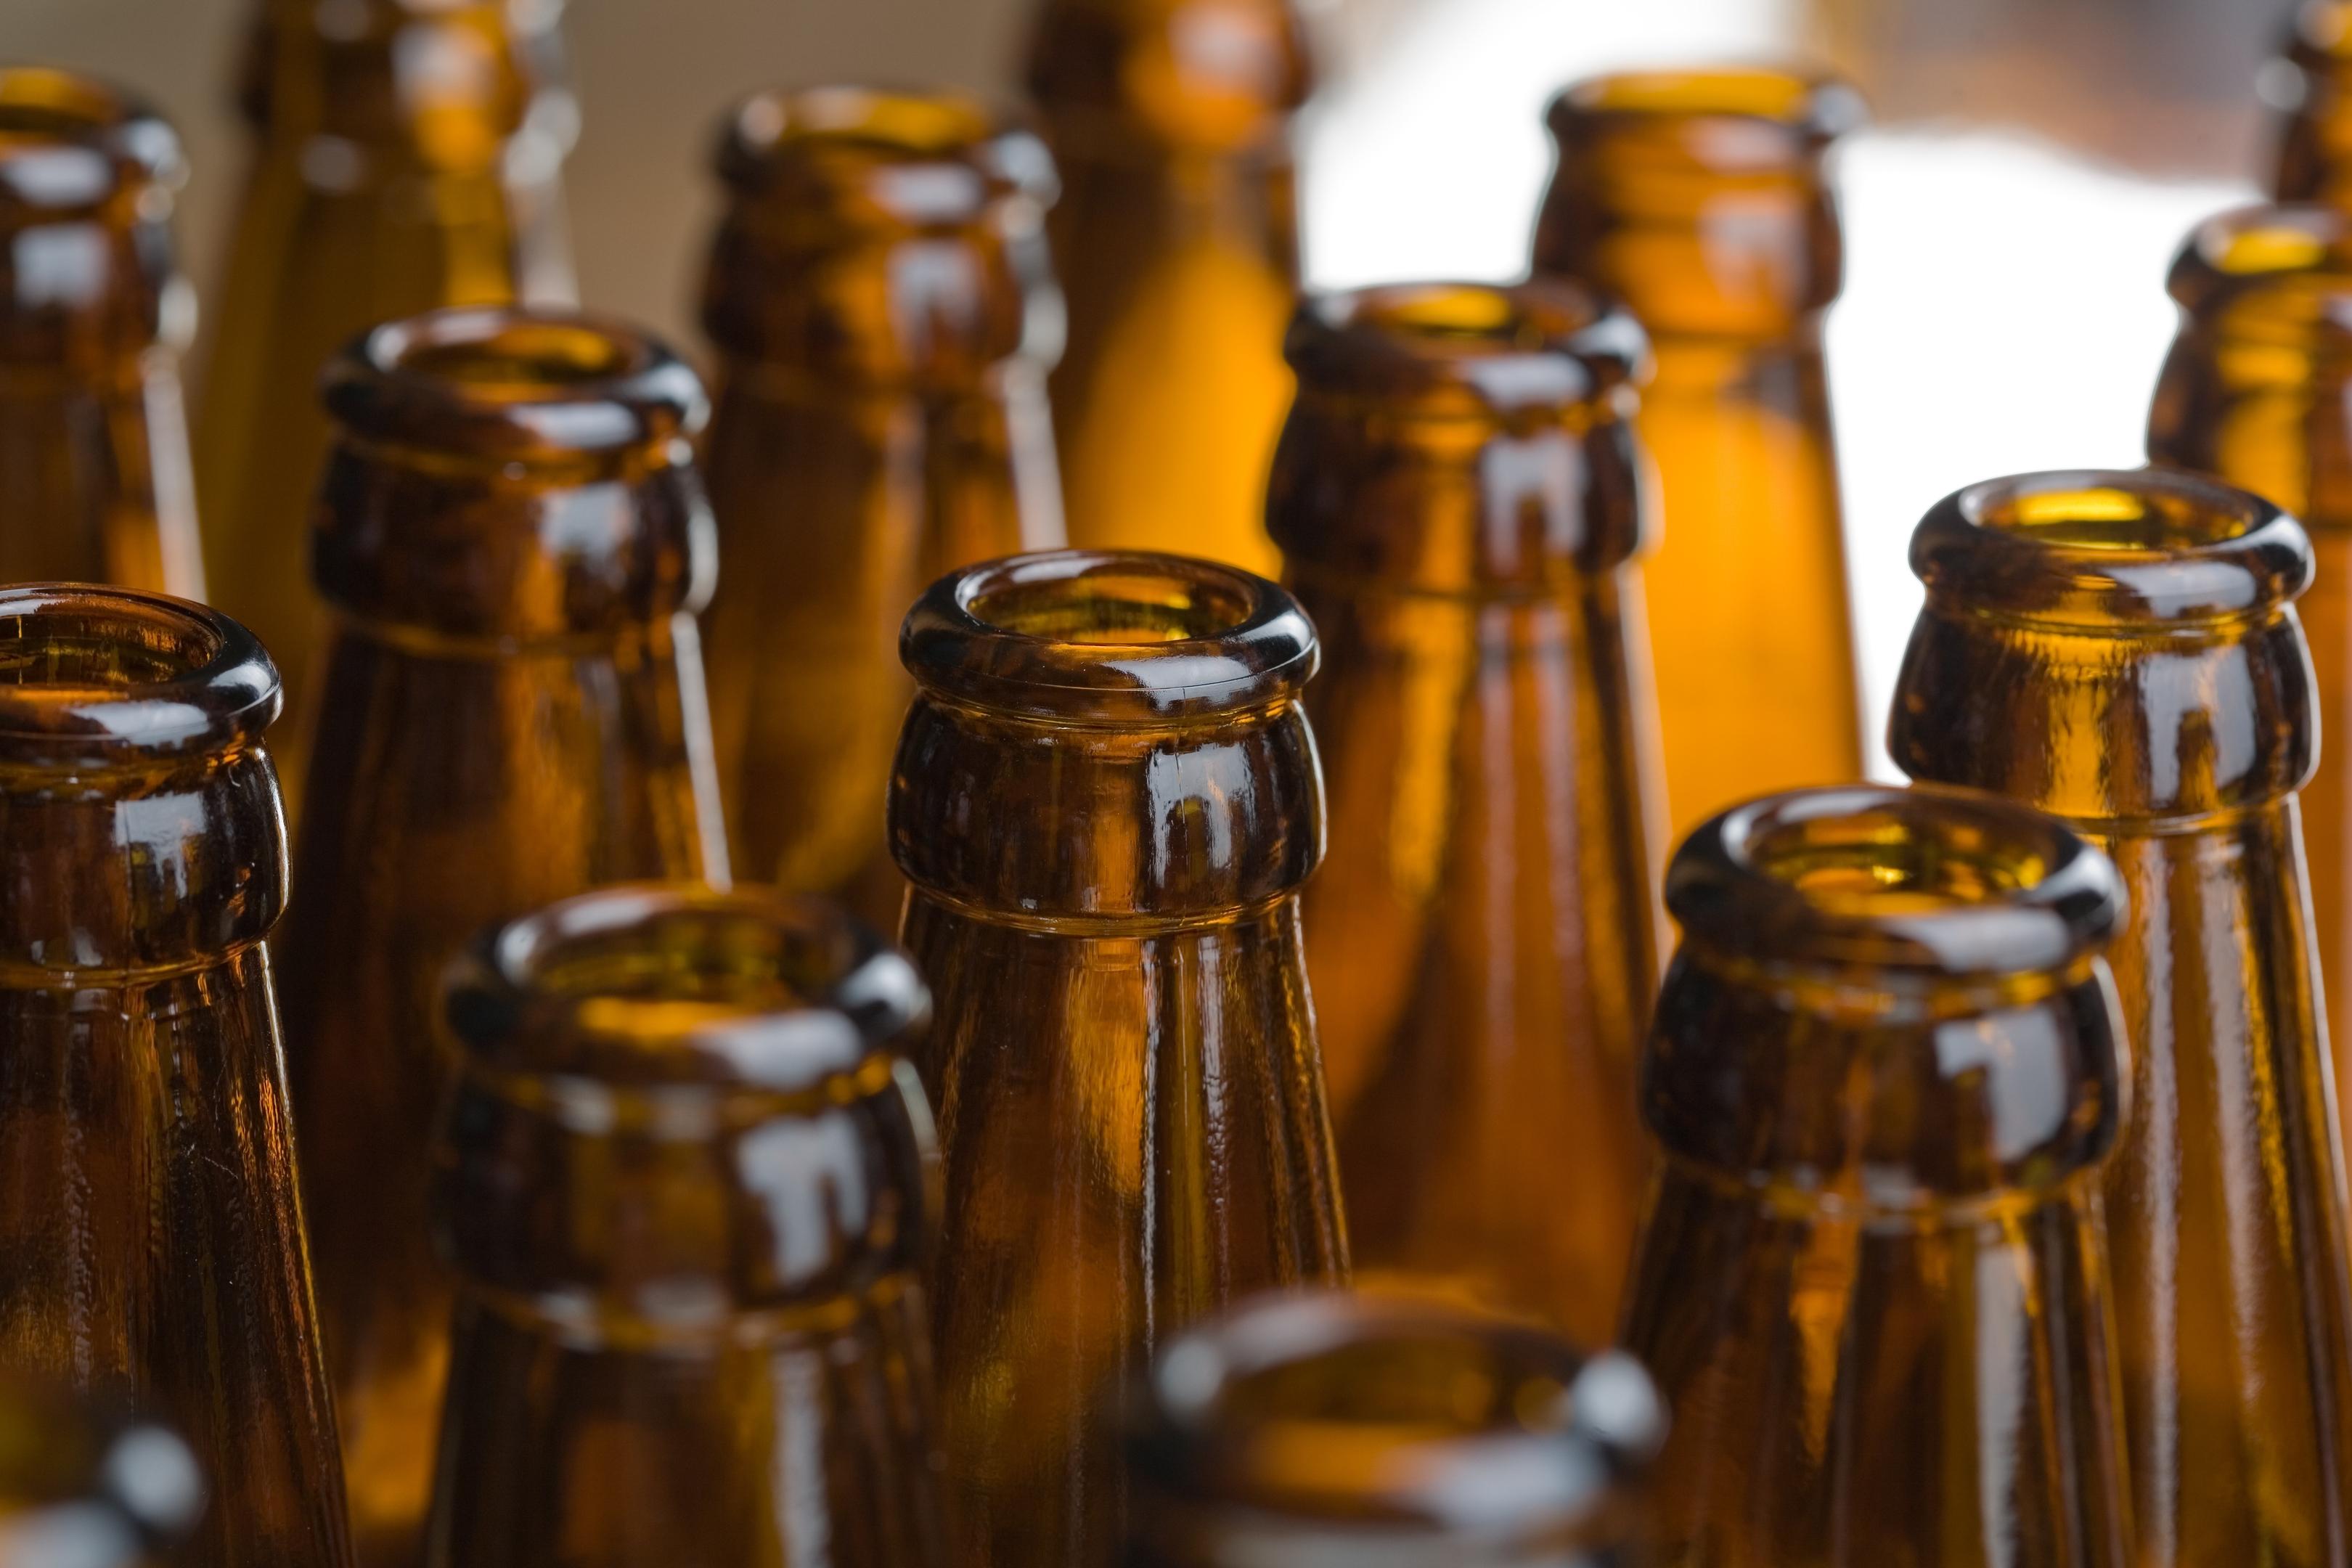 Beer bottles (iStock)